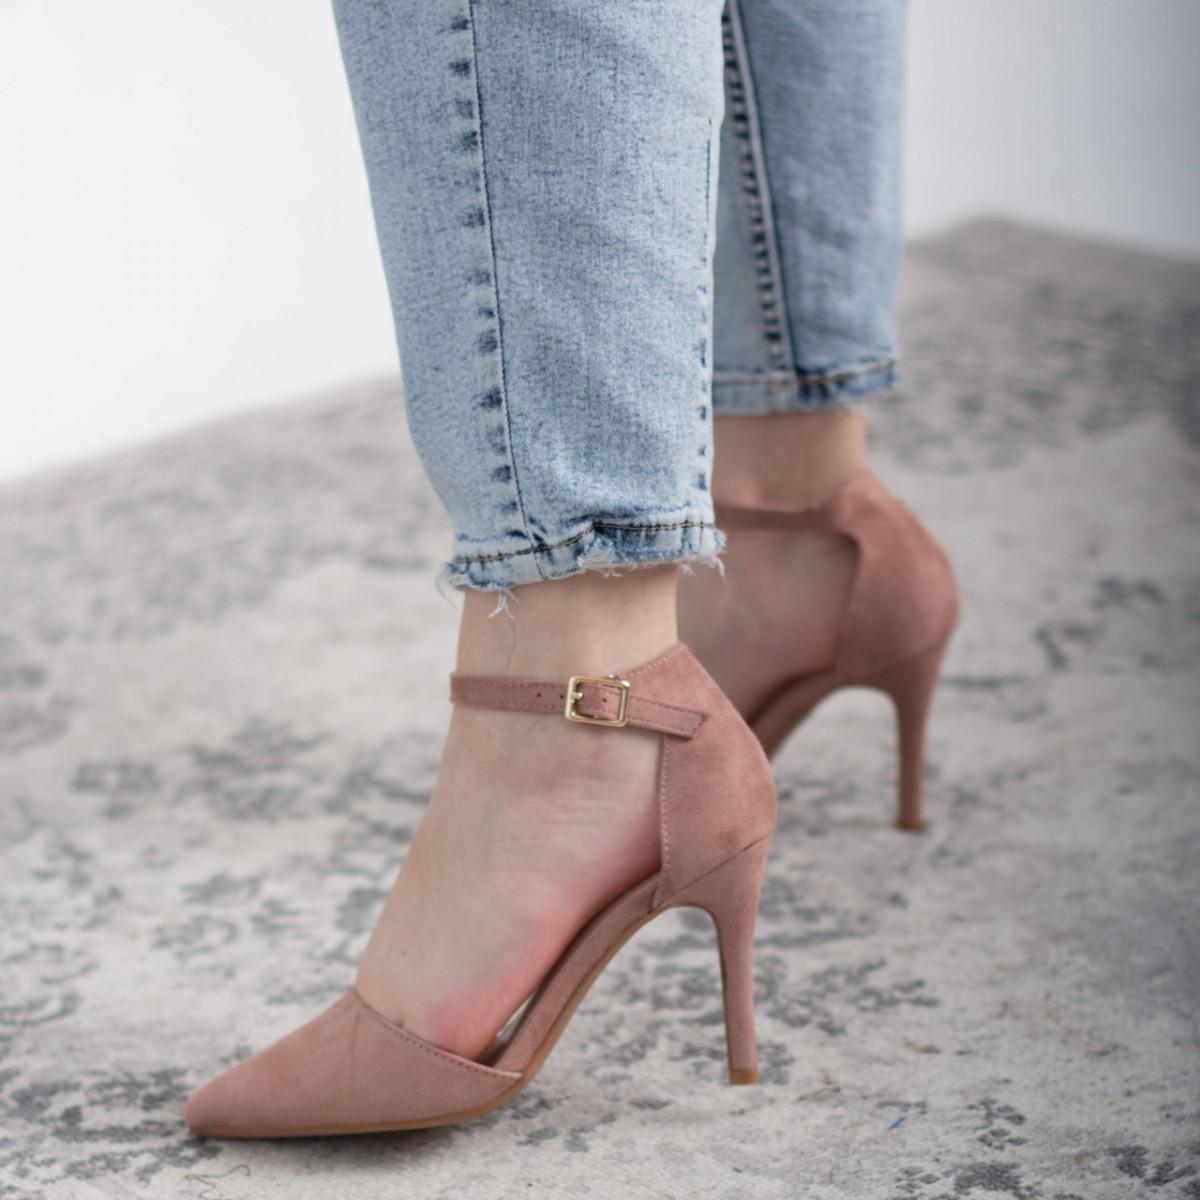 Туфлі жіночі Fashion Ulian 2633 36 розмір, 23,5 см Рожевий 38